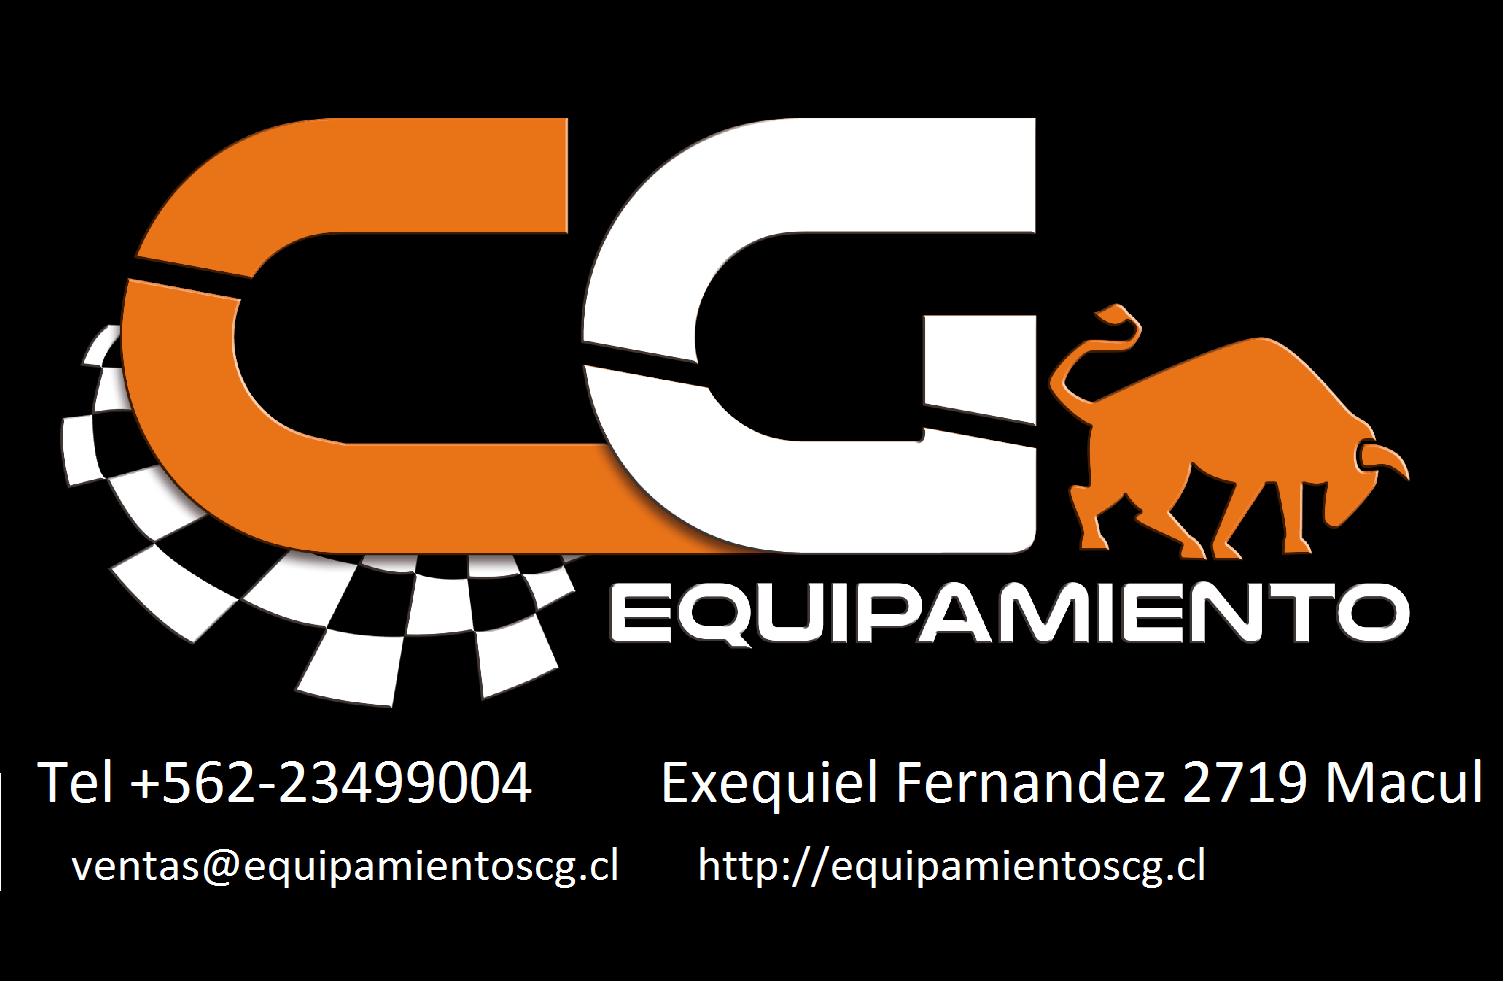 EQUIPAMIENTOS CG accesorios de camioneta Macul